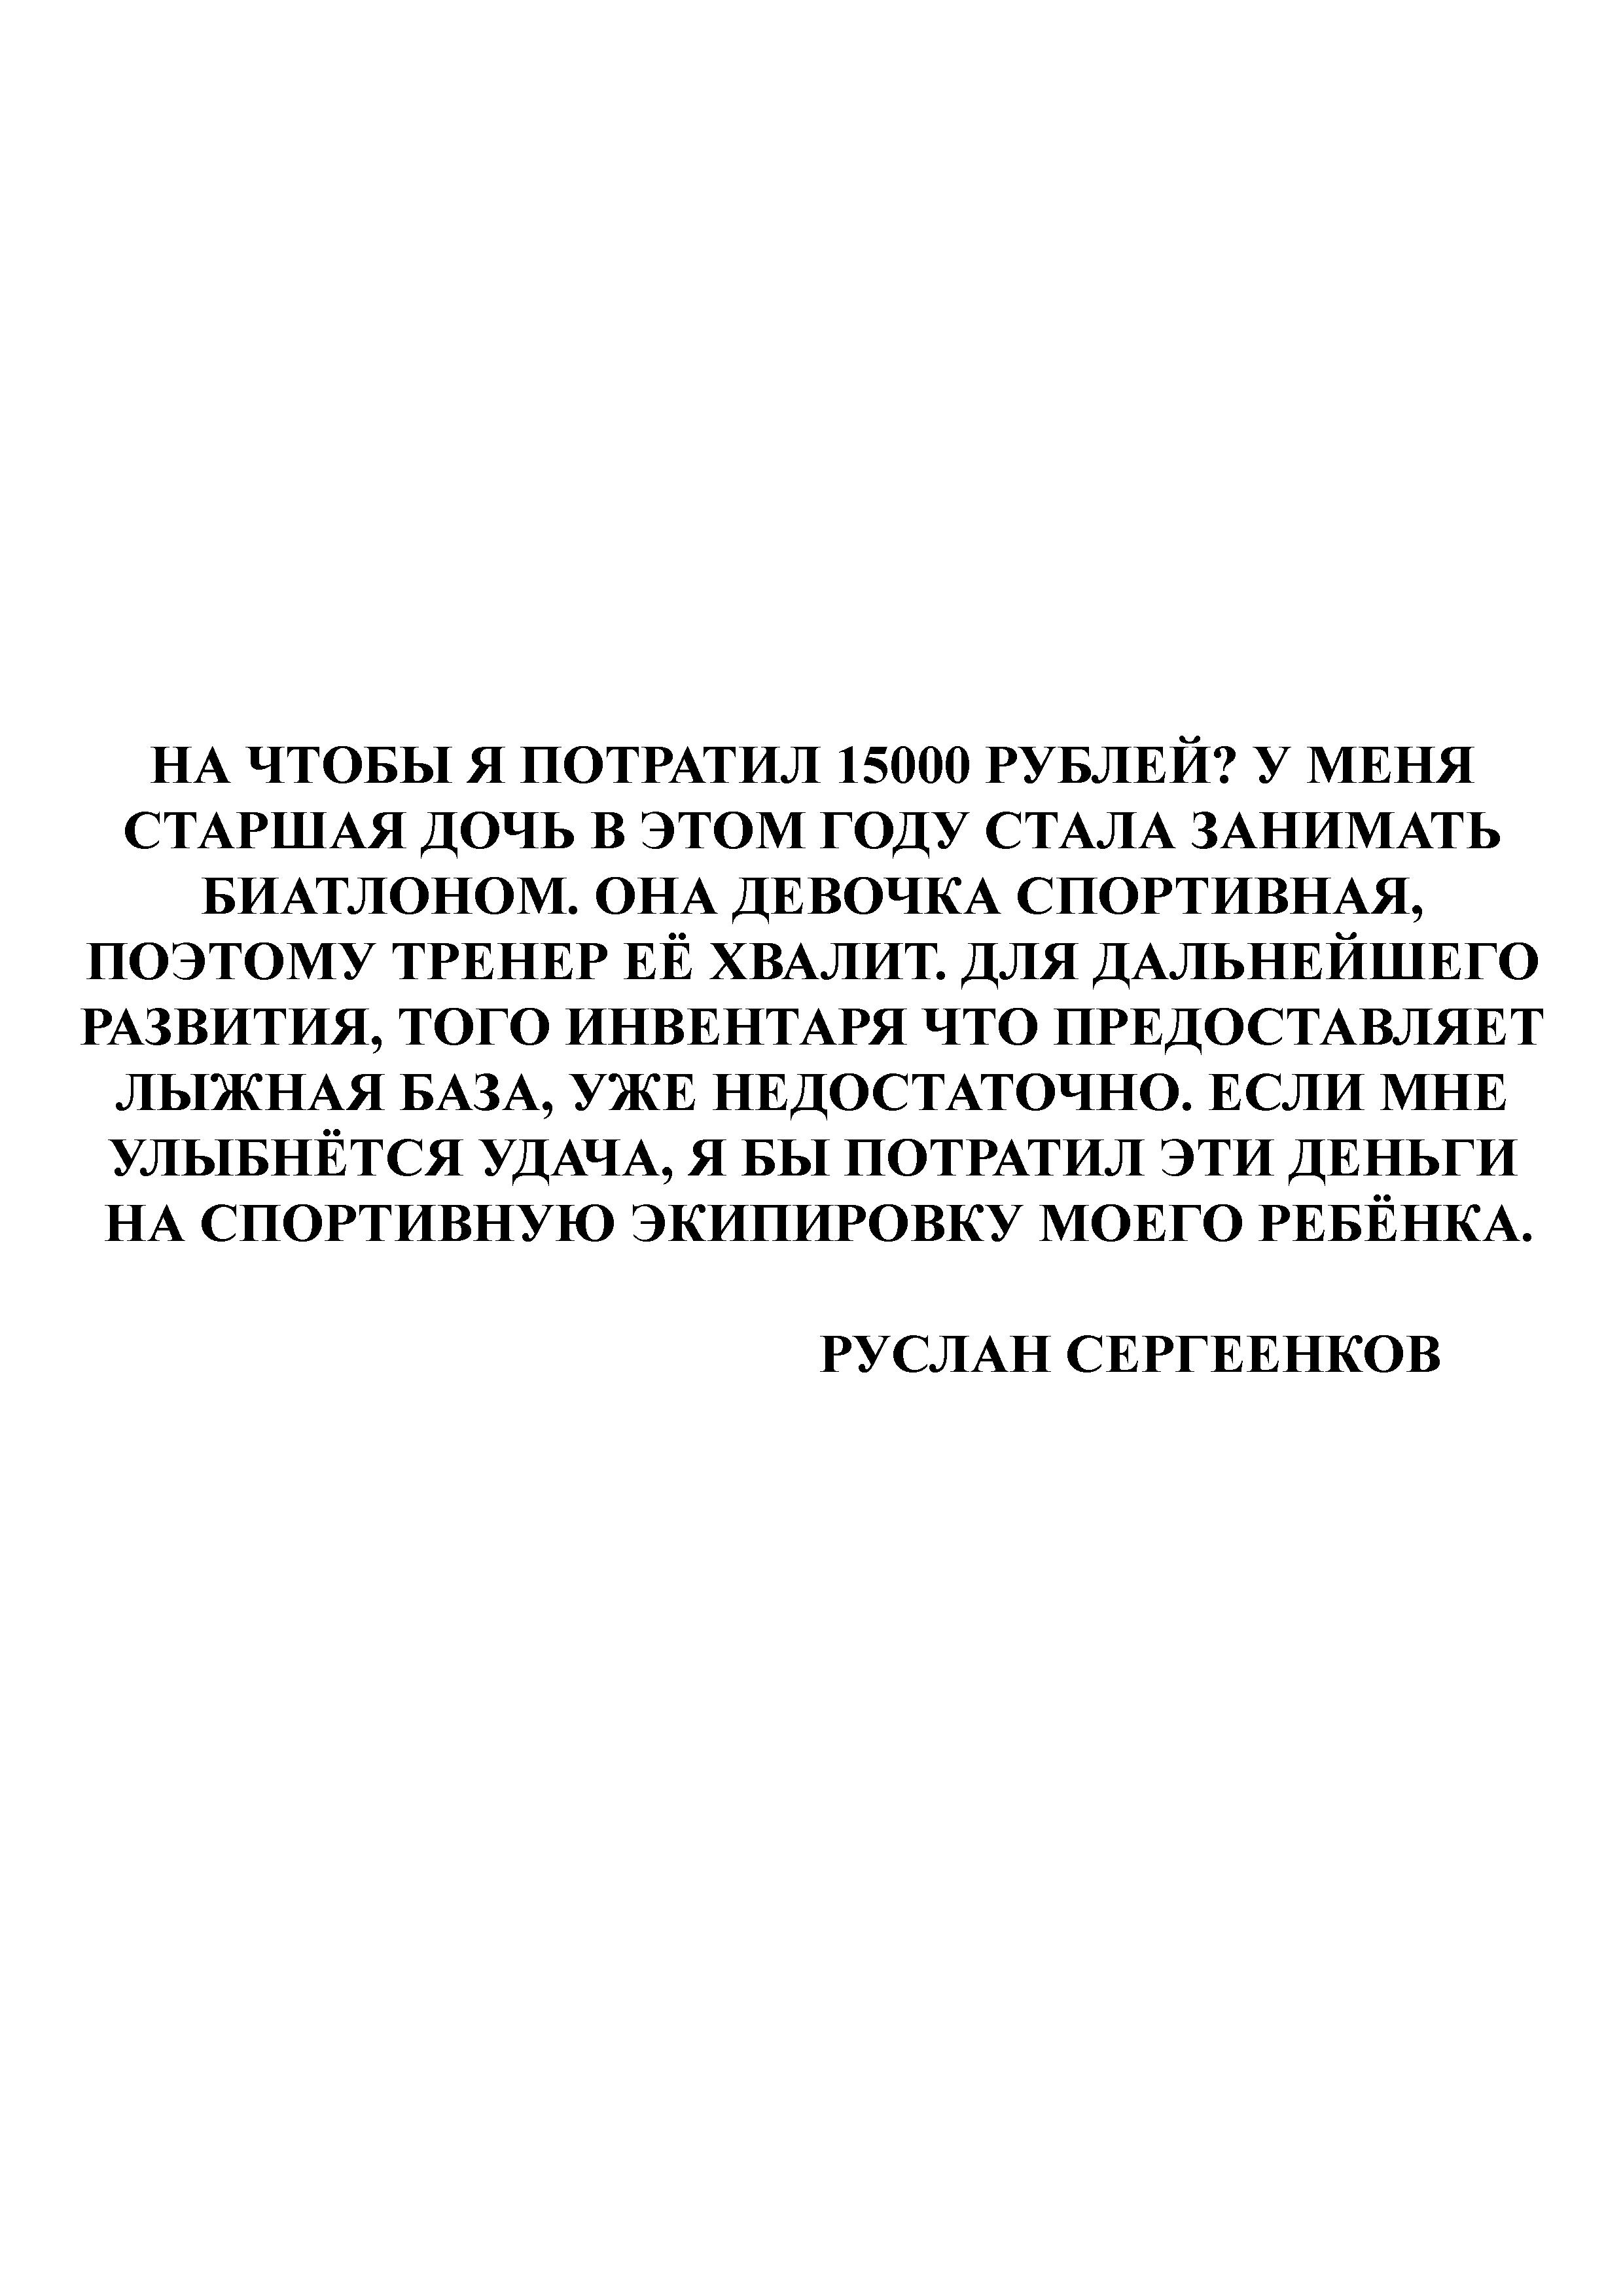 Руслан Сергеенков